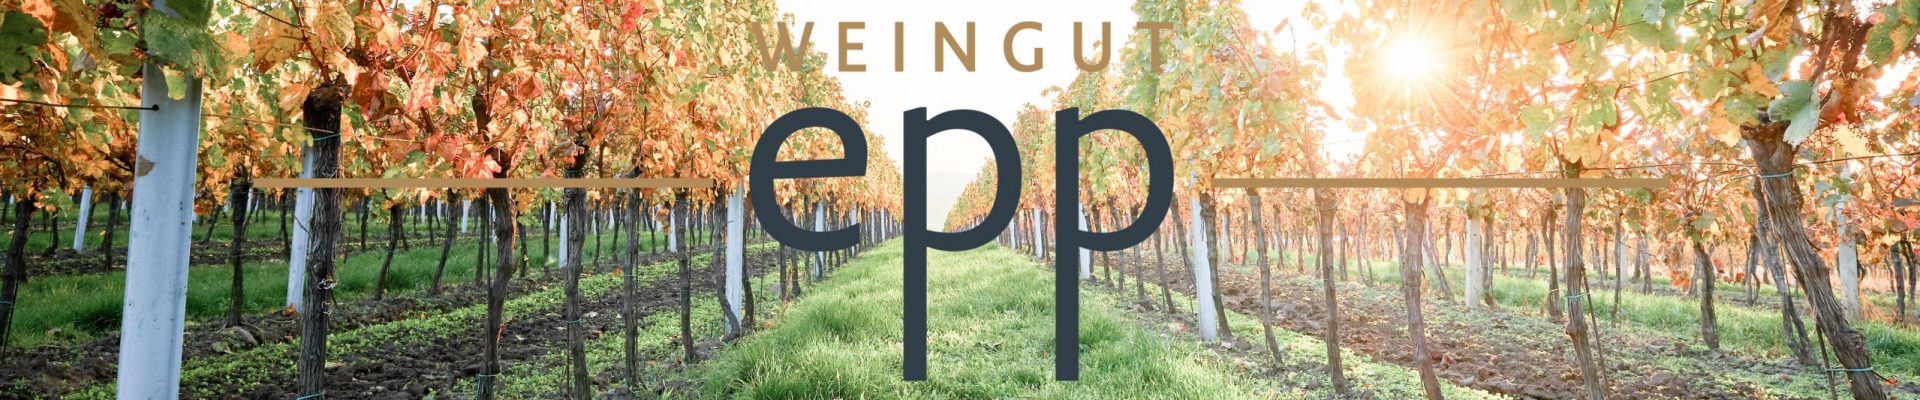 Weingut Epp